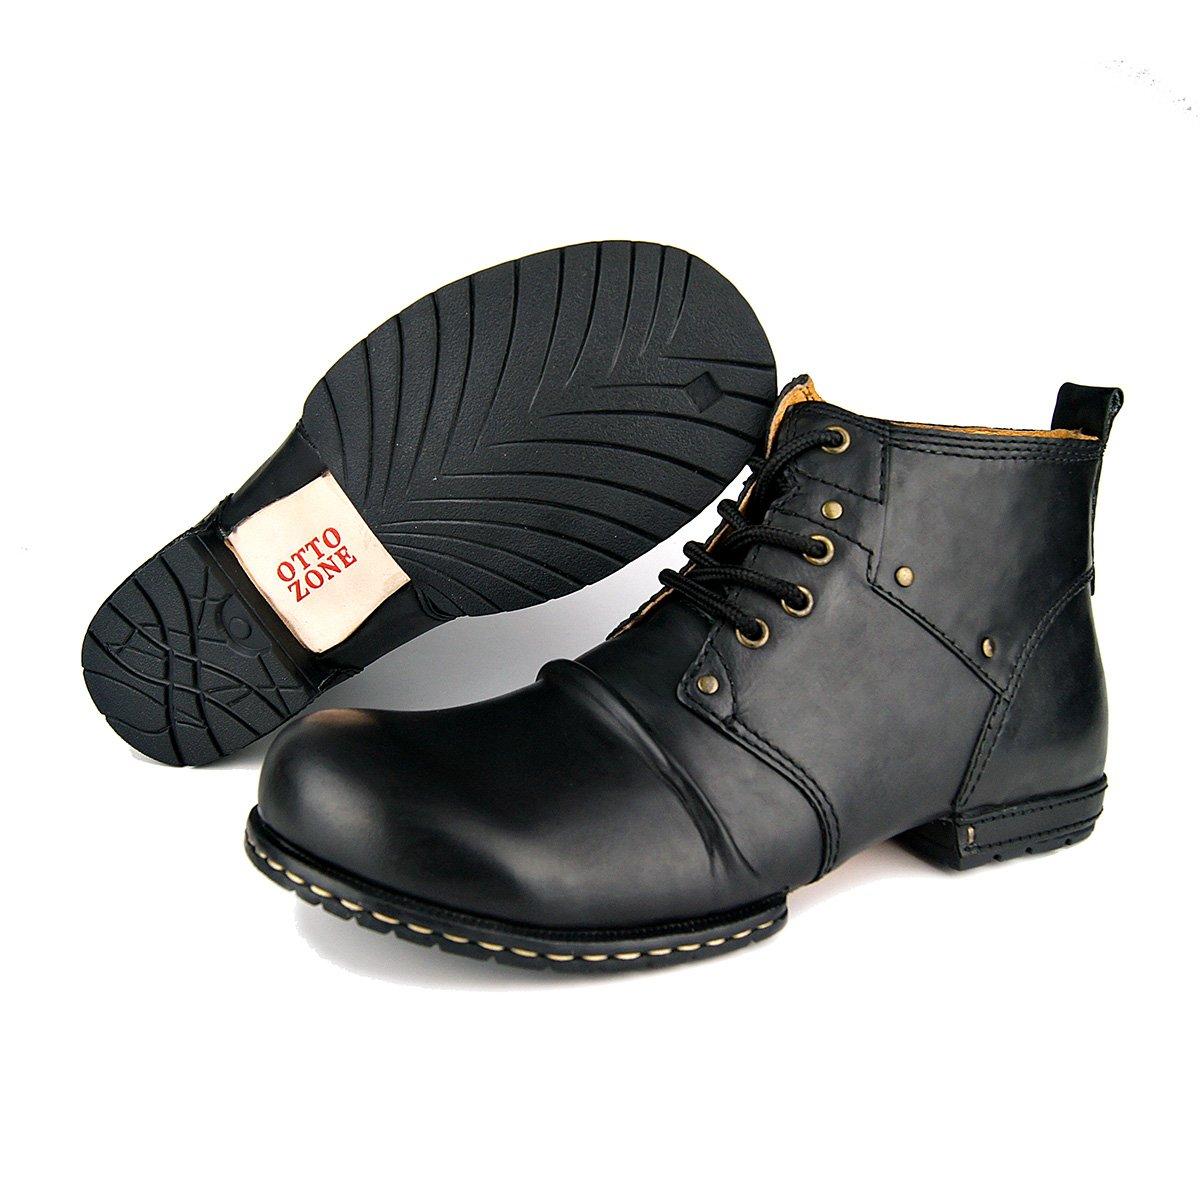 Zapatos house Cuero Cuero Cuero Vestido Tobillo Botas Motocicleta Botas Hombres Occidentales Trabajo Combate Botas,A,US8.5=EU42 62e339